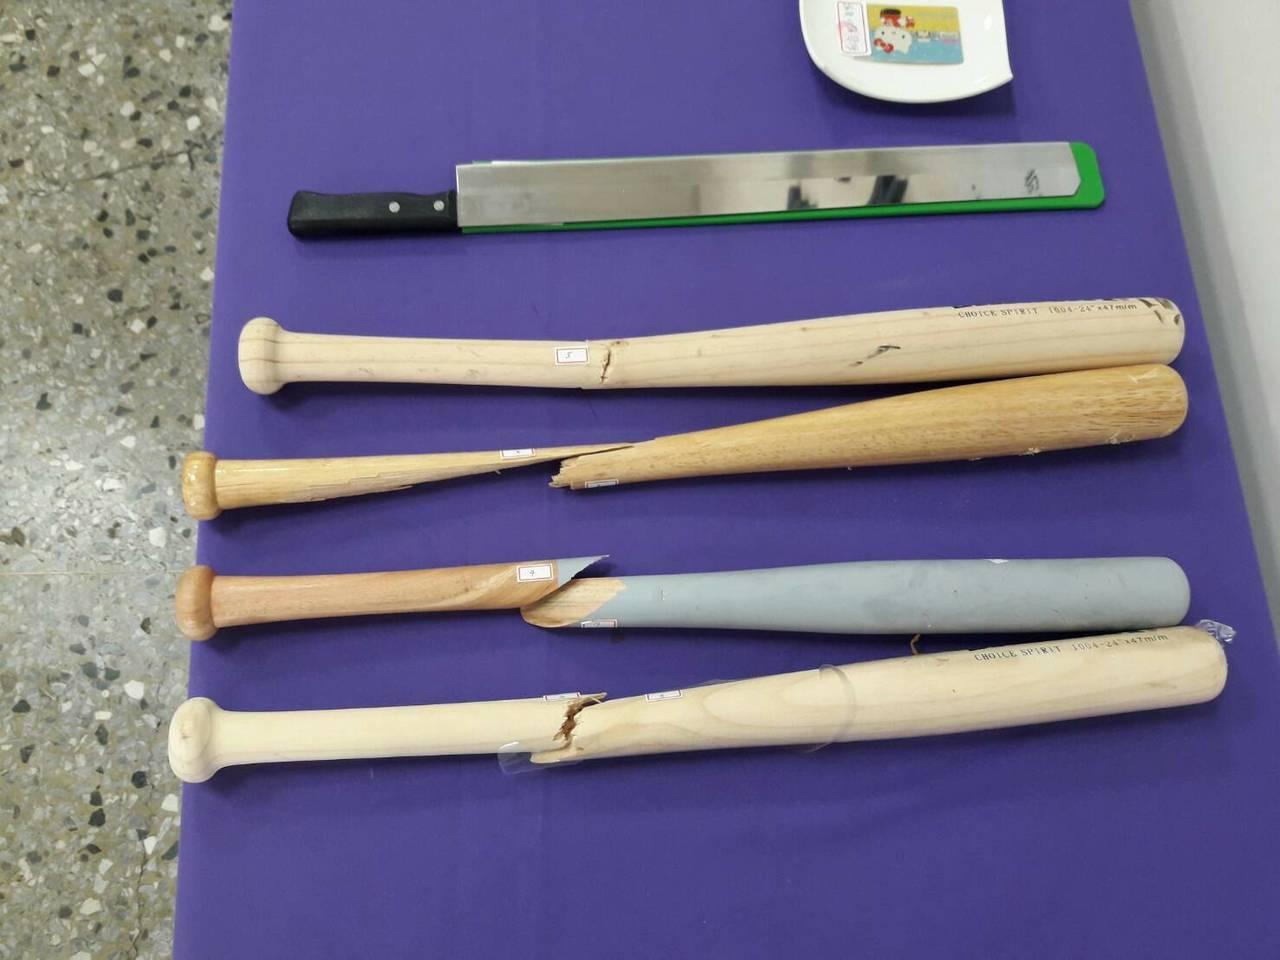 警方查獲的西瓜刀、棒球棒等犯案工具。記者謝進盛/翻攝